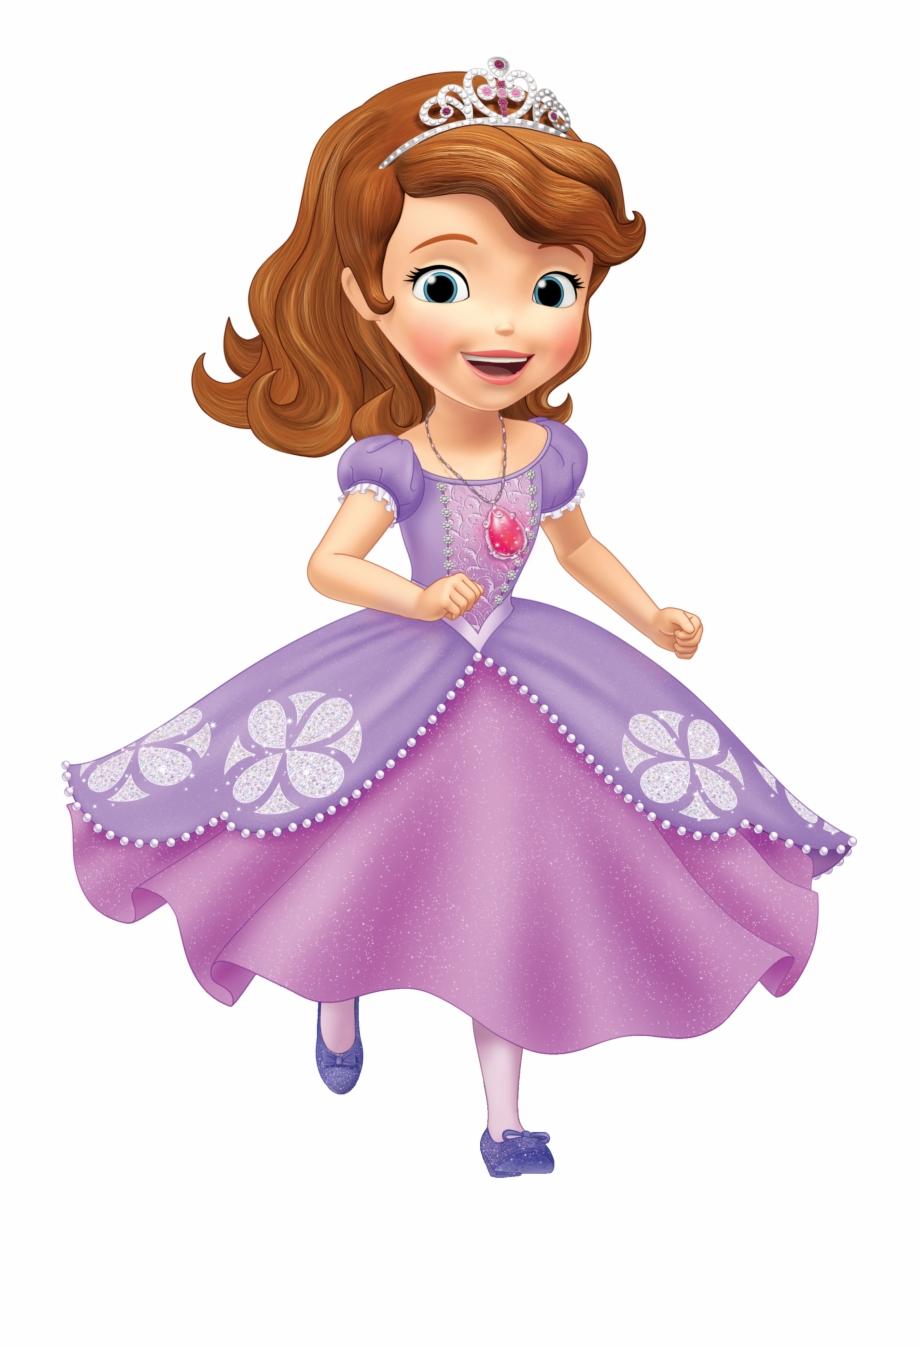 Princess Sofia Png.